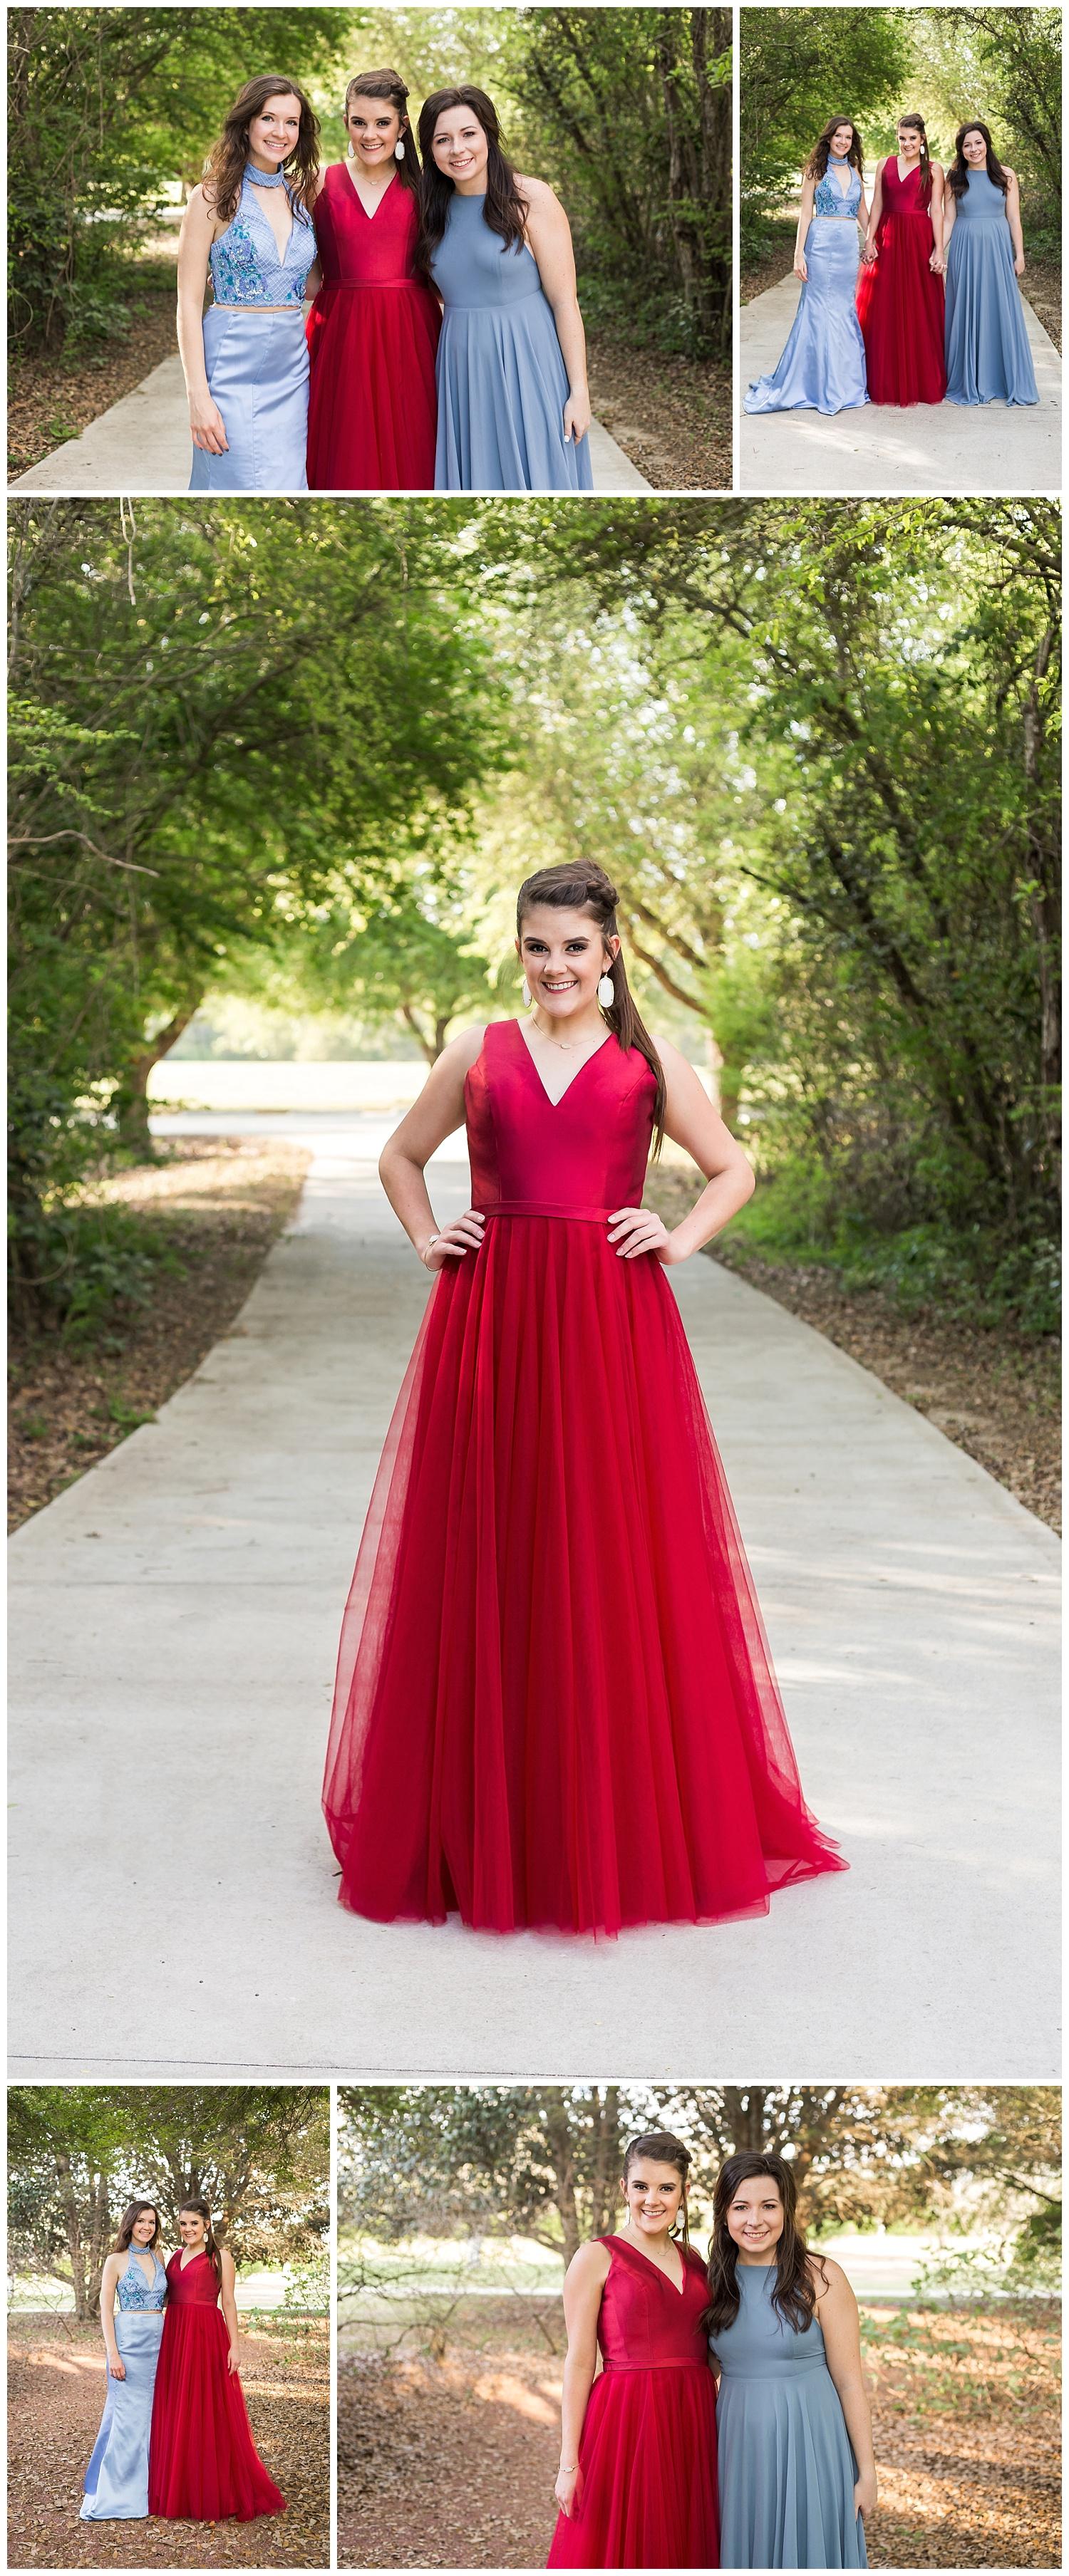 auburn high school prom 2018 - lauren beesley photography